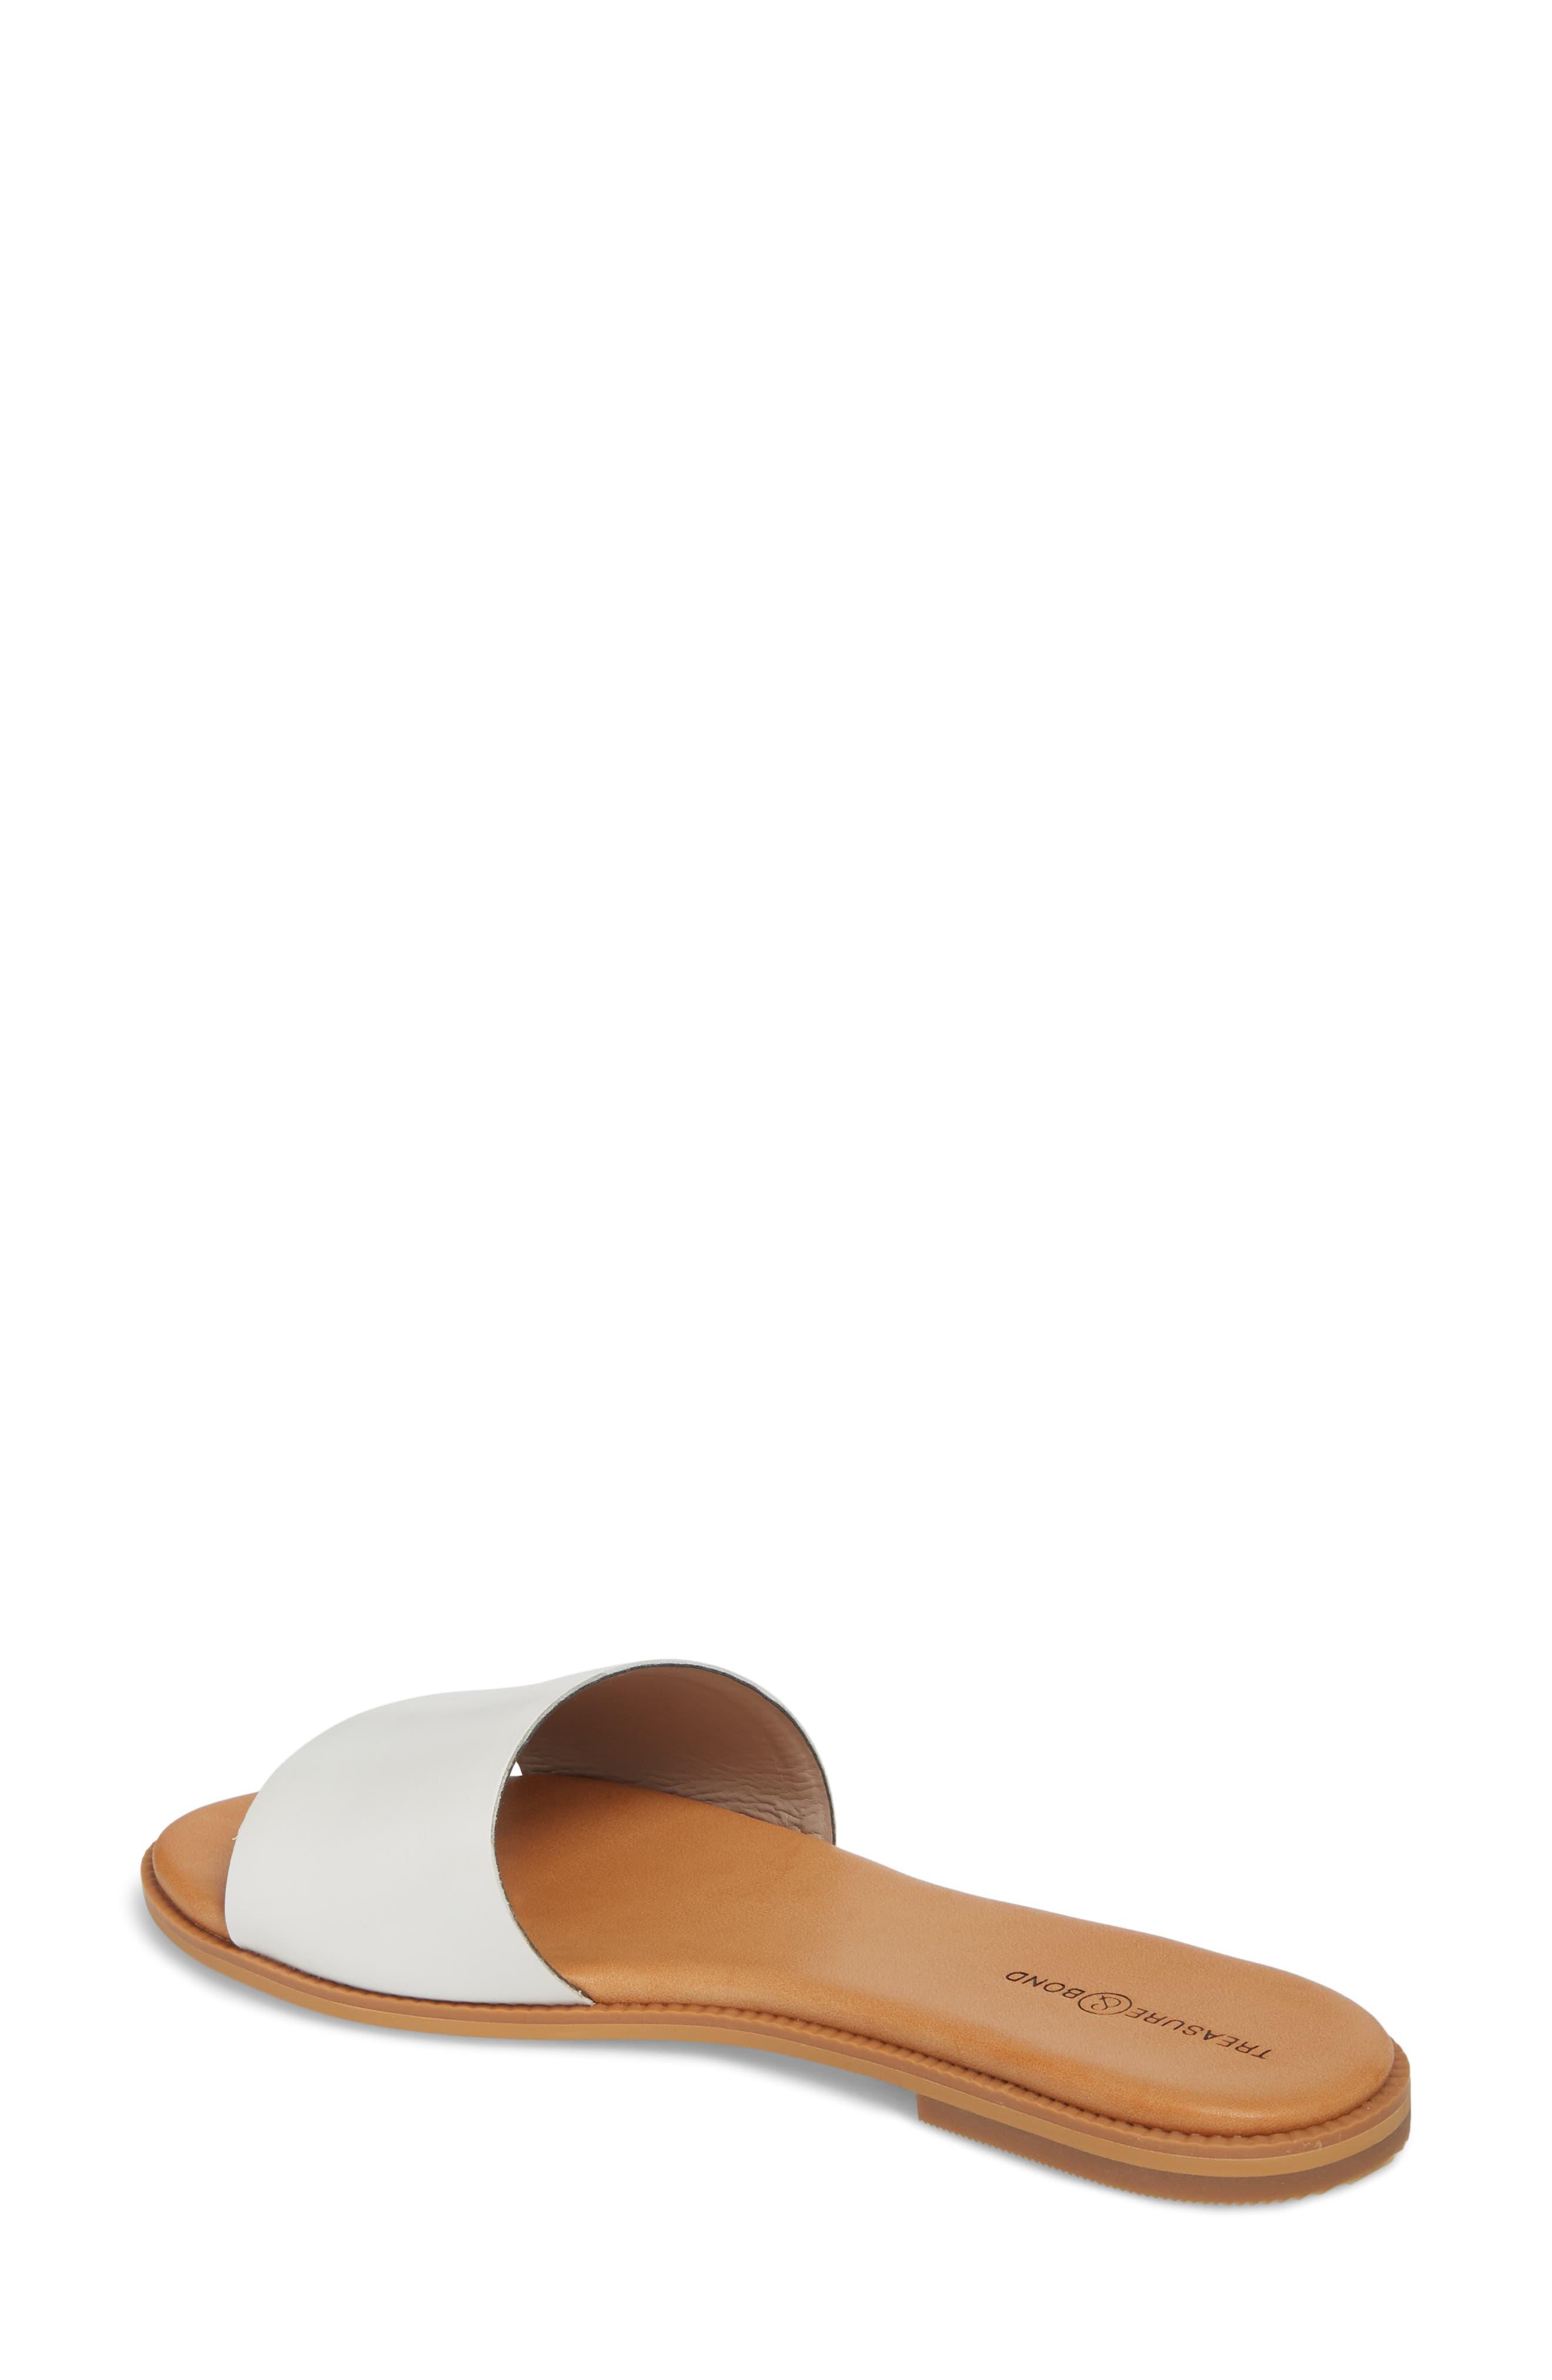 Alternate Image 2  - Treasure & Bond Mere Flat Slide Sandal (Women)